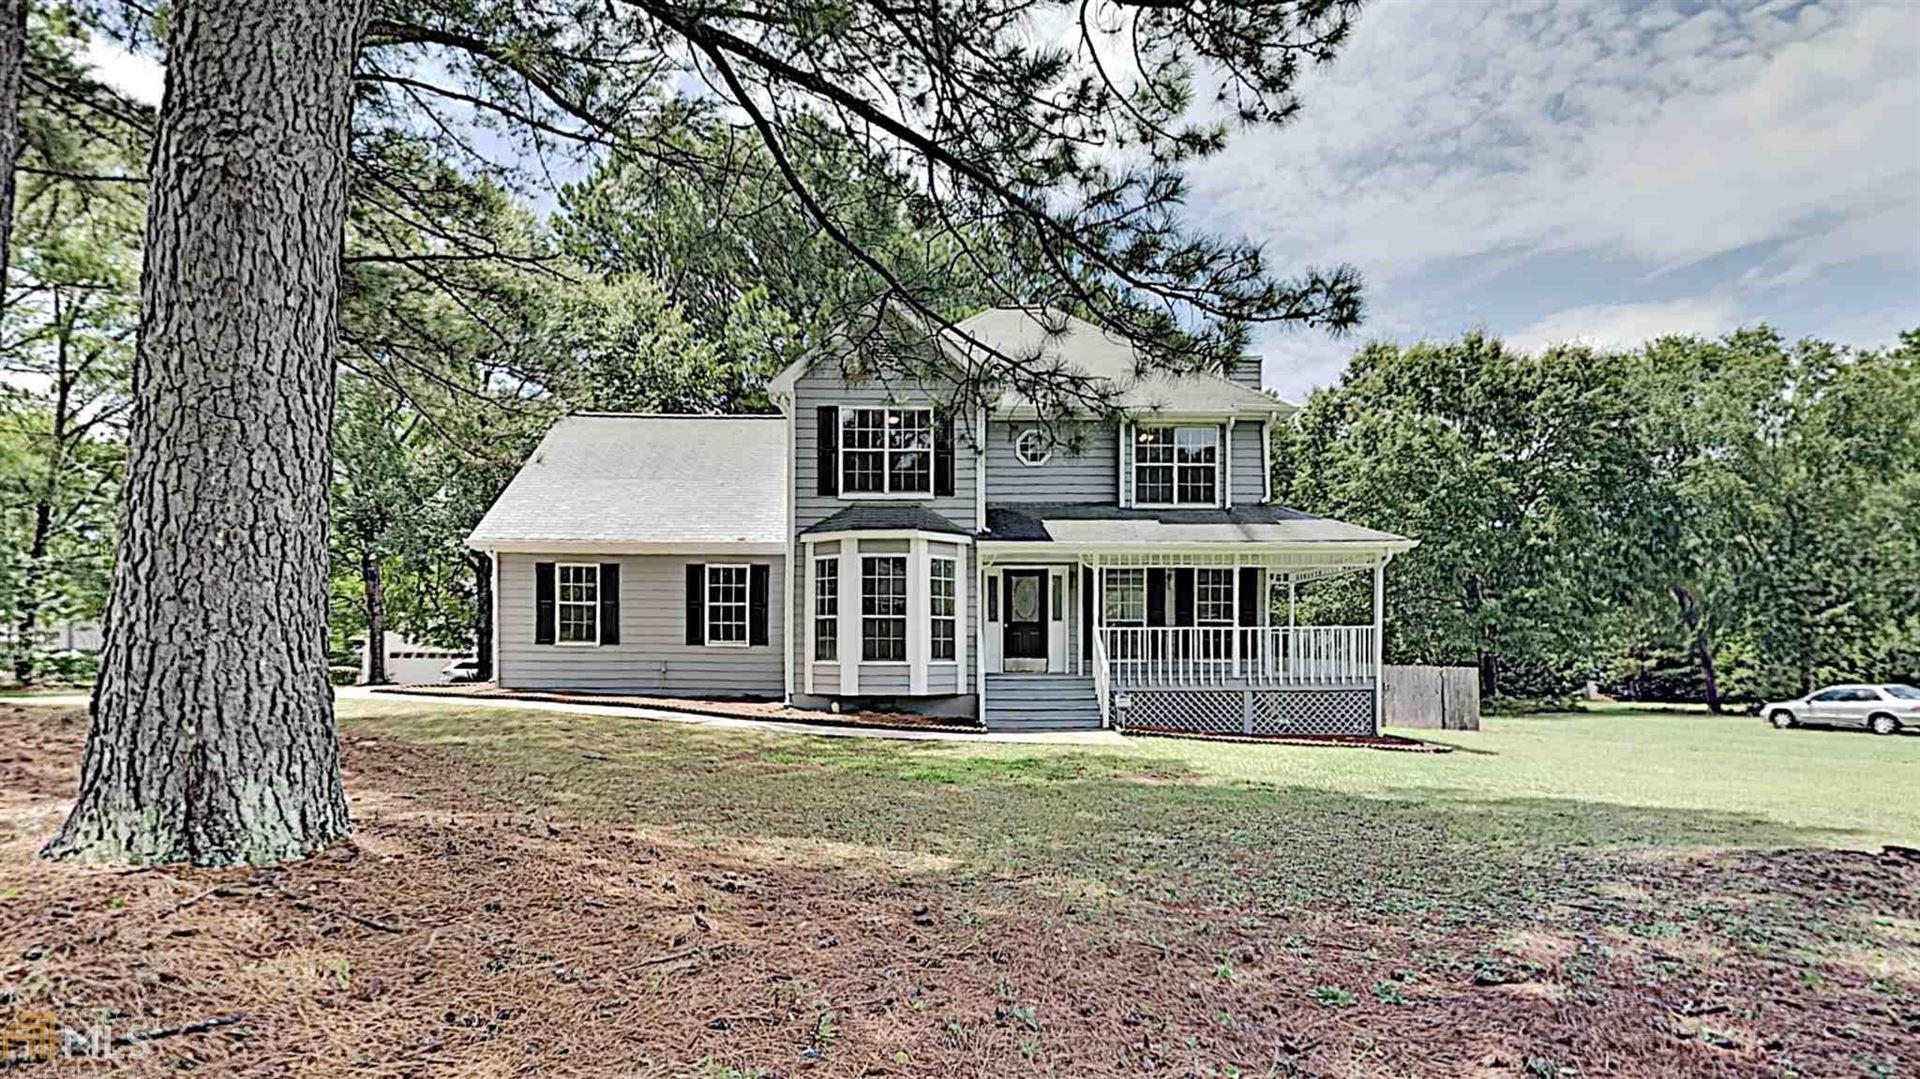 701 Monticello Ln, McDonough, GA 30253 - MLS#: 8832831